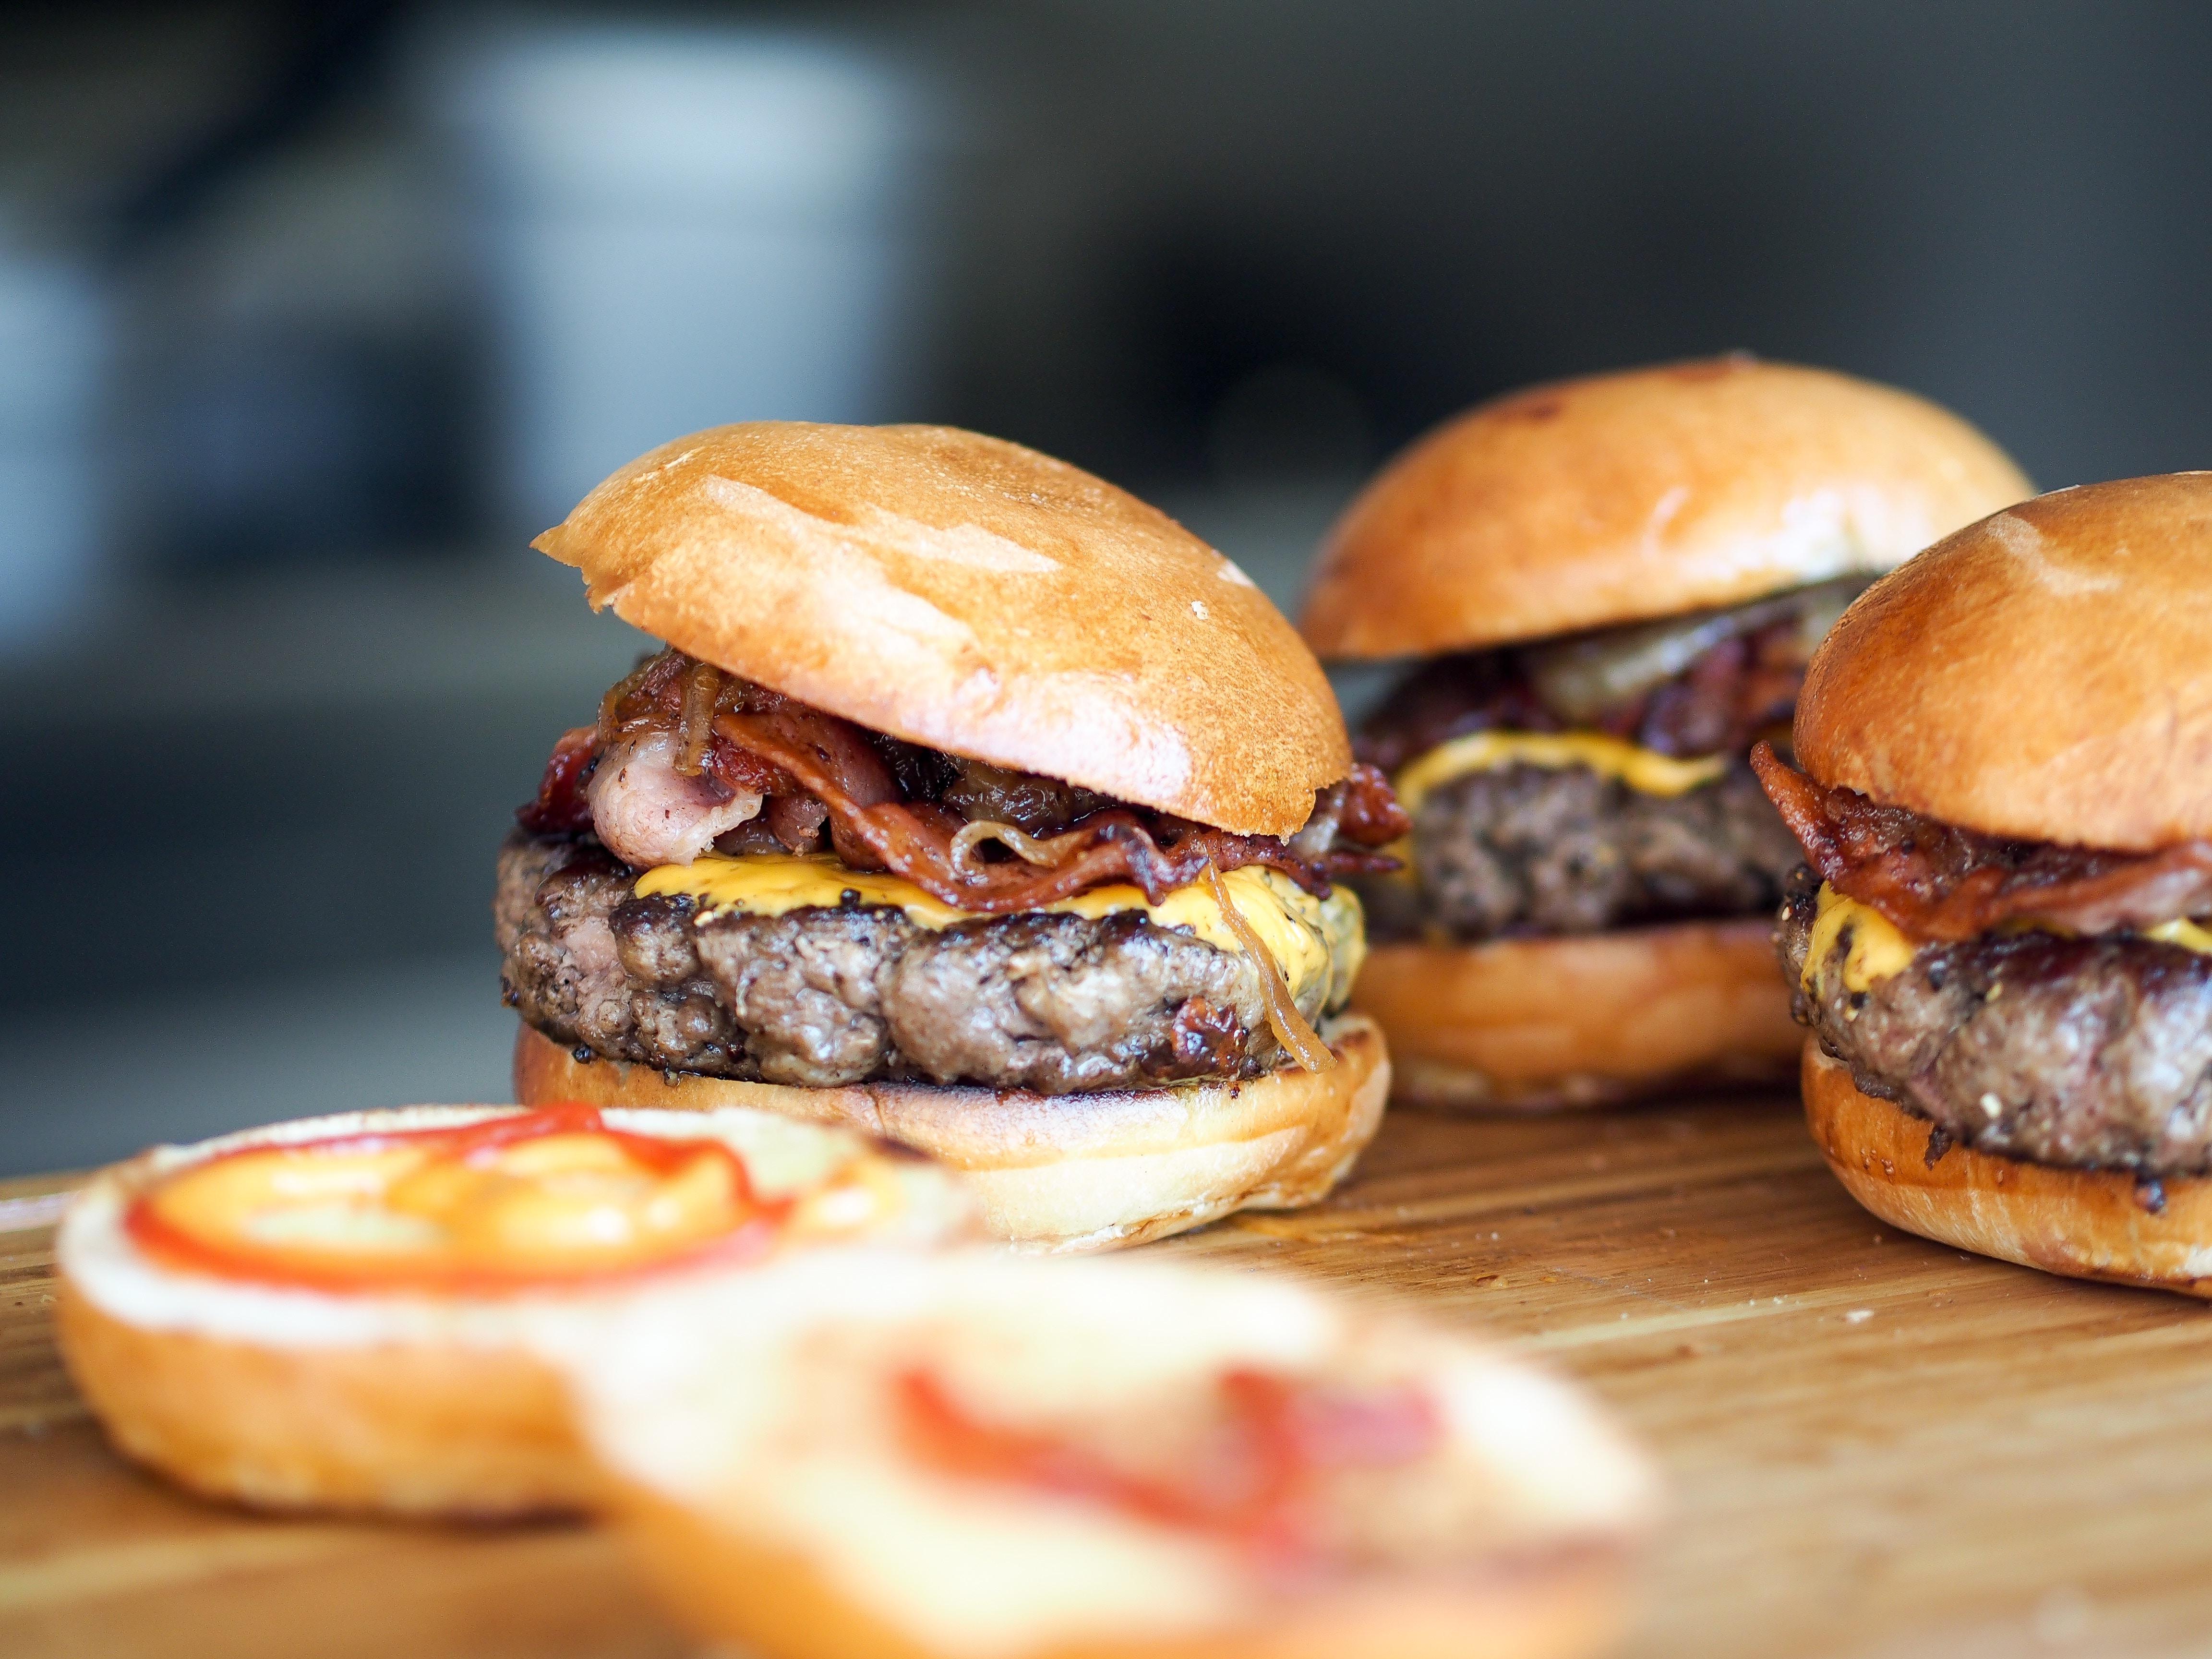 ביטול רישום סימן מסחר   ביג מק   מקדונלדס   Big Mac   Macdonalds  